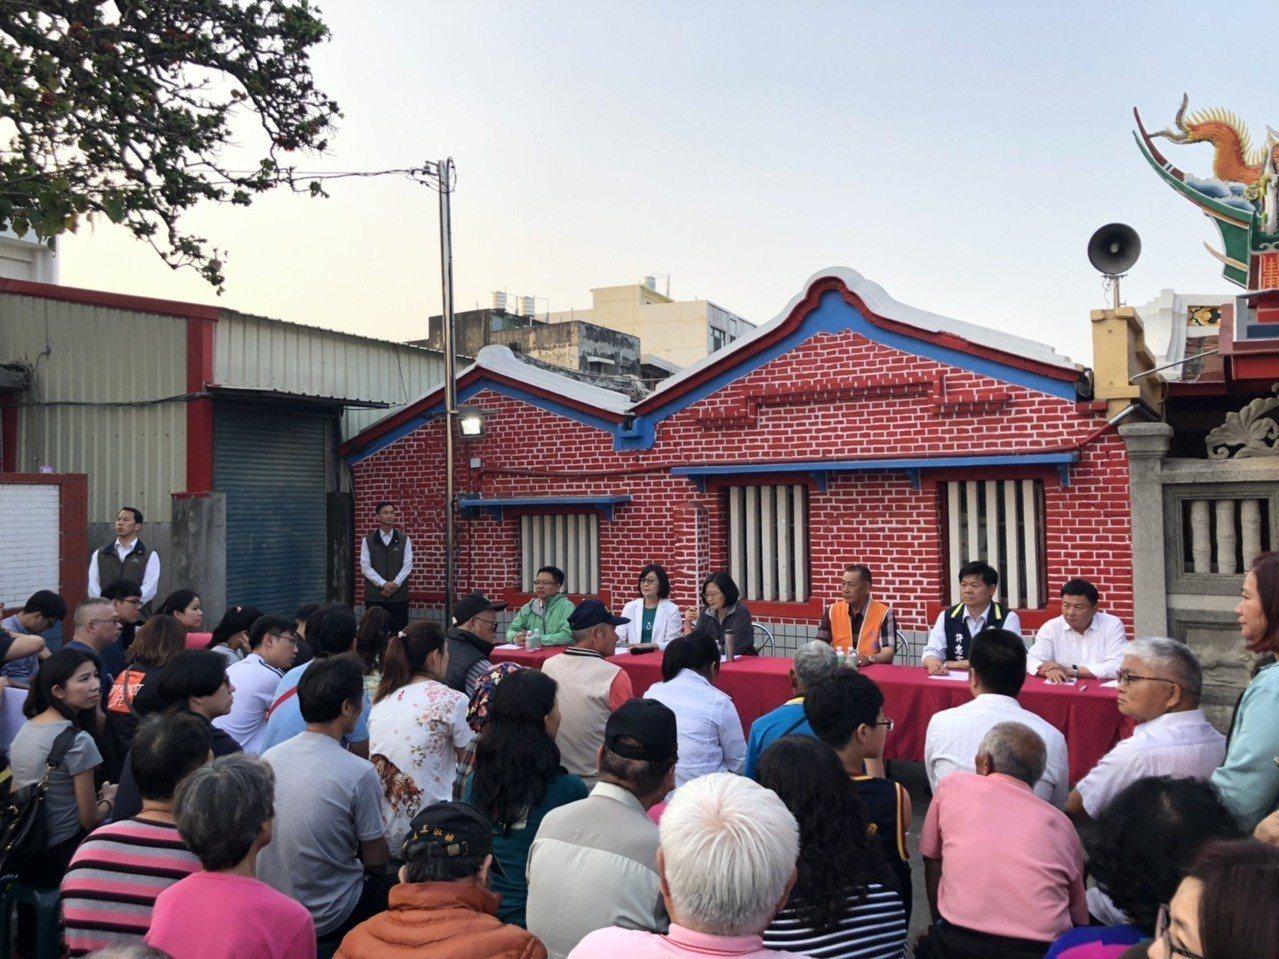 總統蔡英文今到雲林和青年座談並允諾為低薪族免稅,贏得年輕人認同。記者蔡維斌/攝影